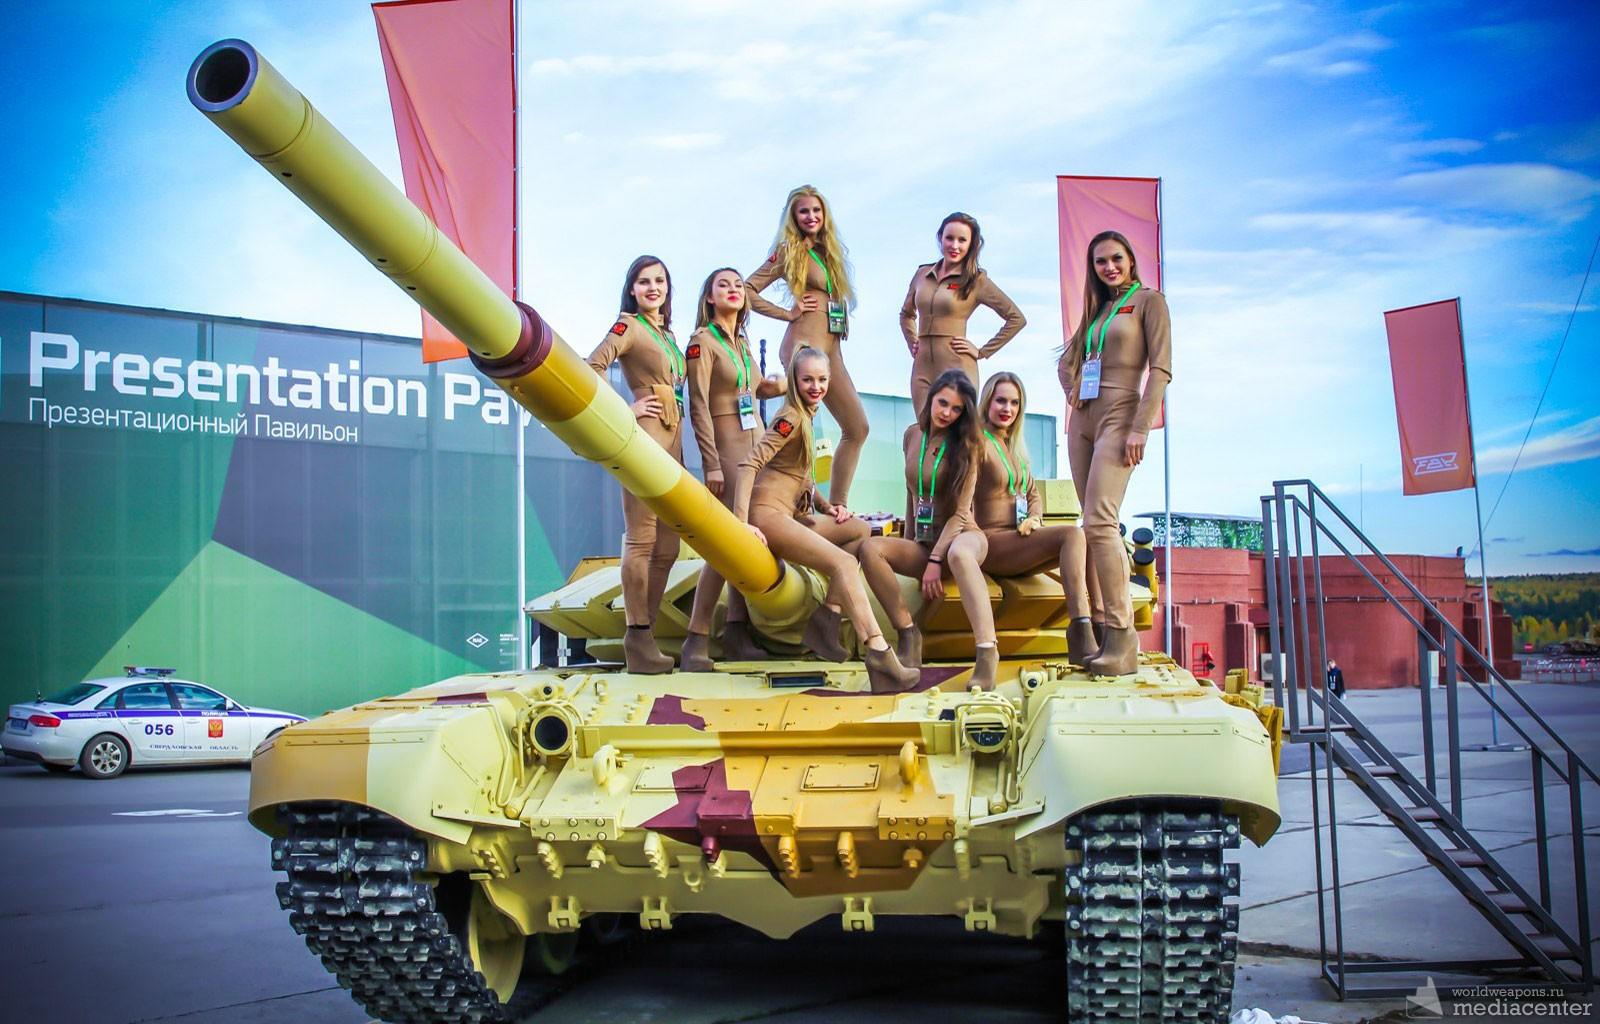 Женщины на танке фото, любительские фото девушек домашние эро